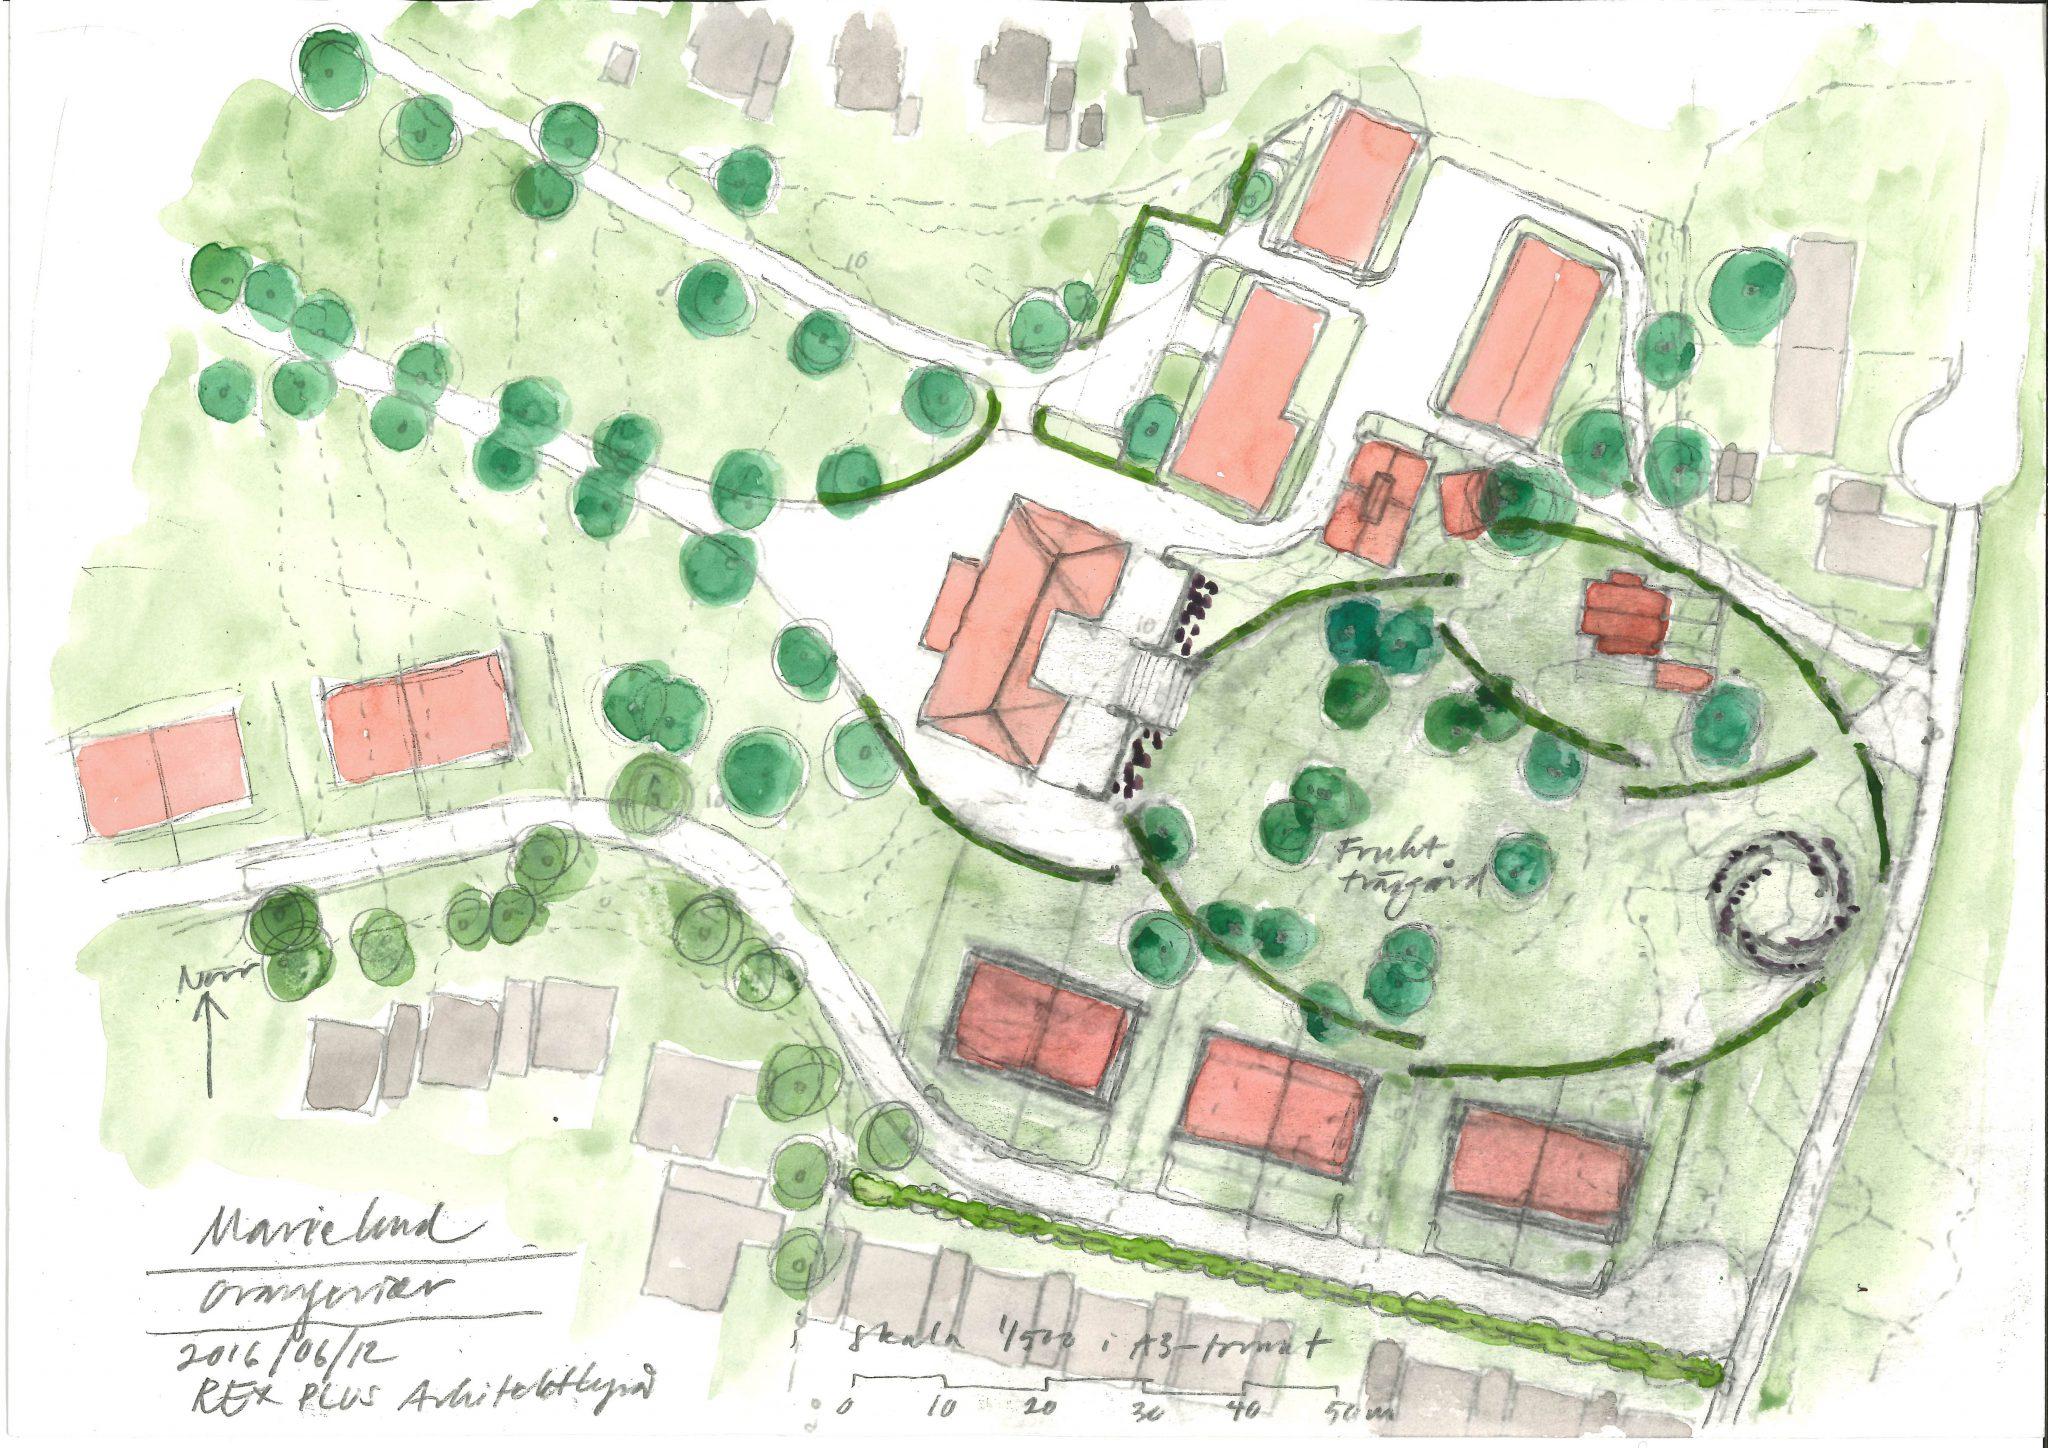 Situationsplan över nya bostäder runt Marielunds herrgård, av Rex Arkitektbyrå